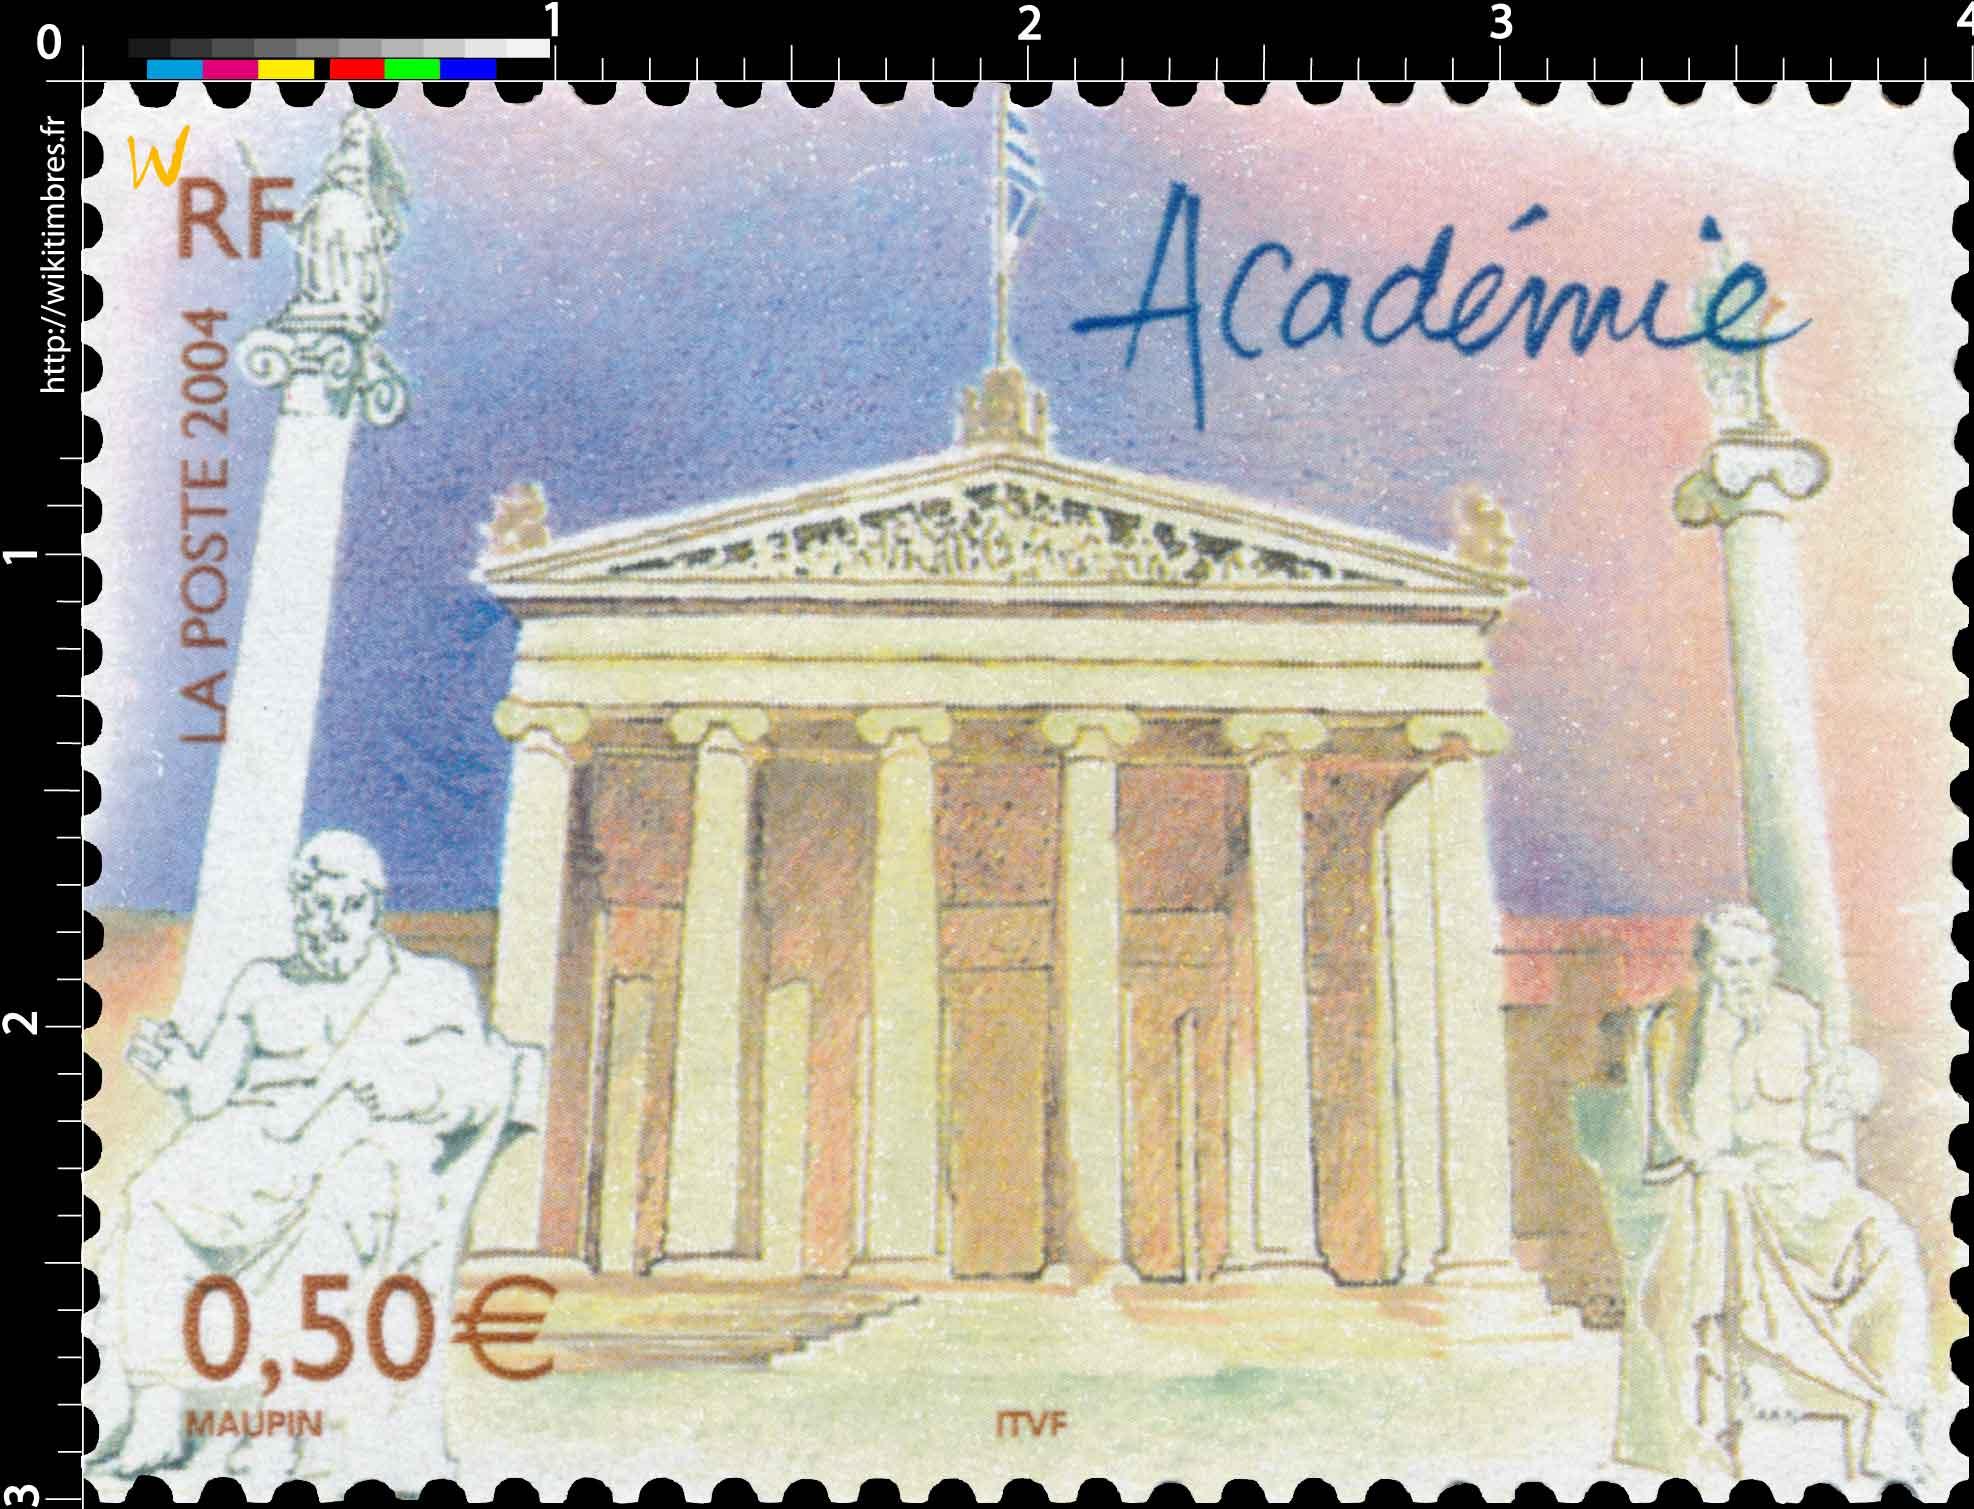 2004 Académie